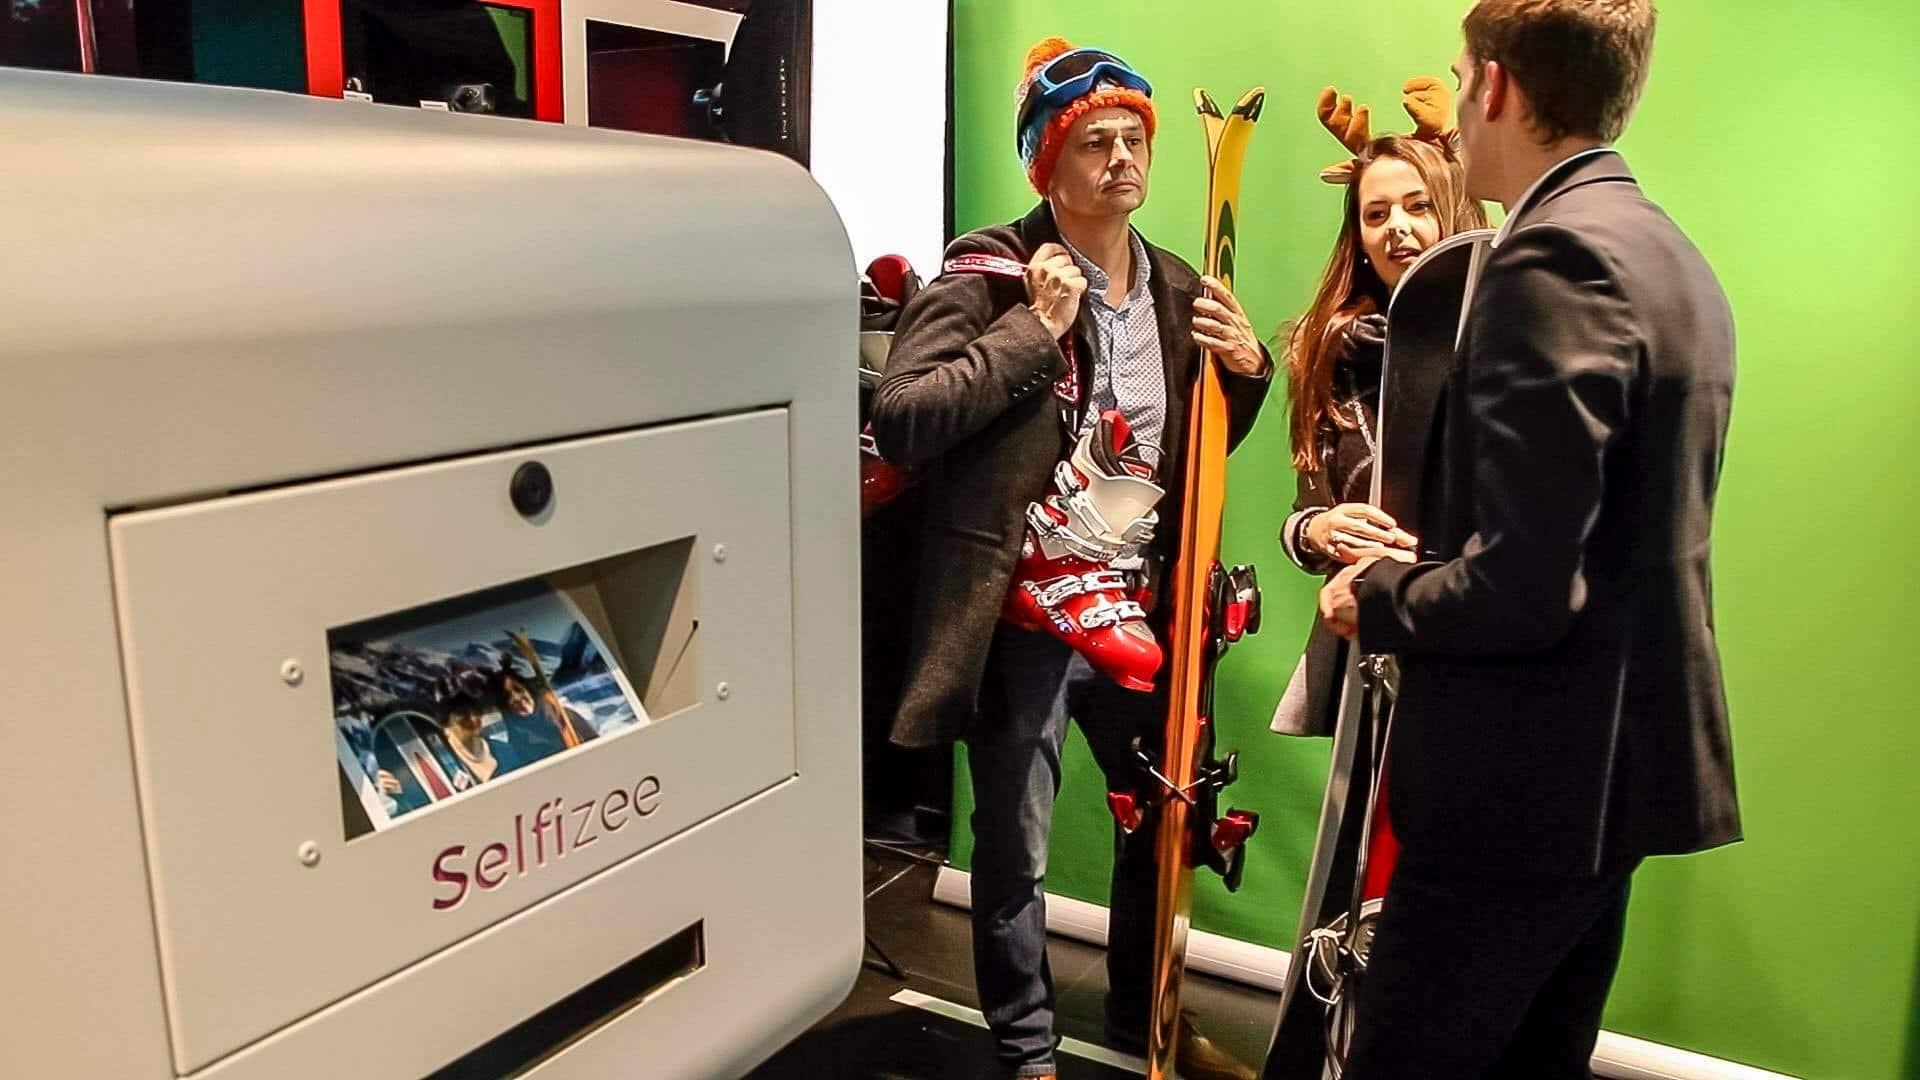 Impression photo immédiate pour une animation box selfie fond vert personnalisée lors de soirée de lancement d'un produit ou un autre événement professionnel à Lorient ou Morbihan